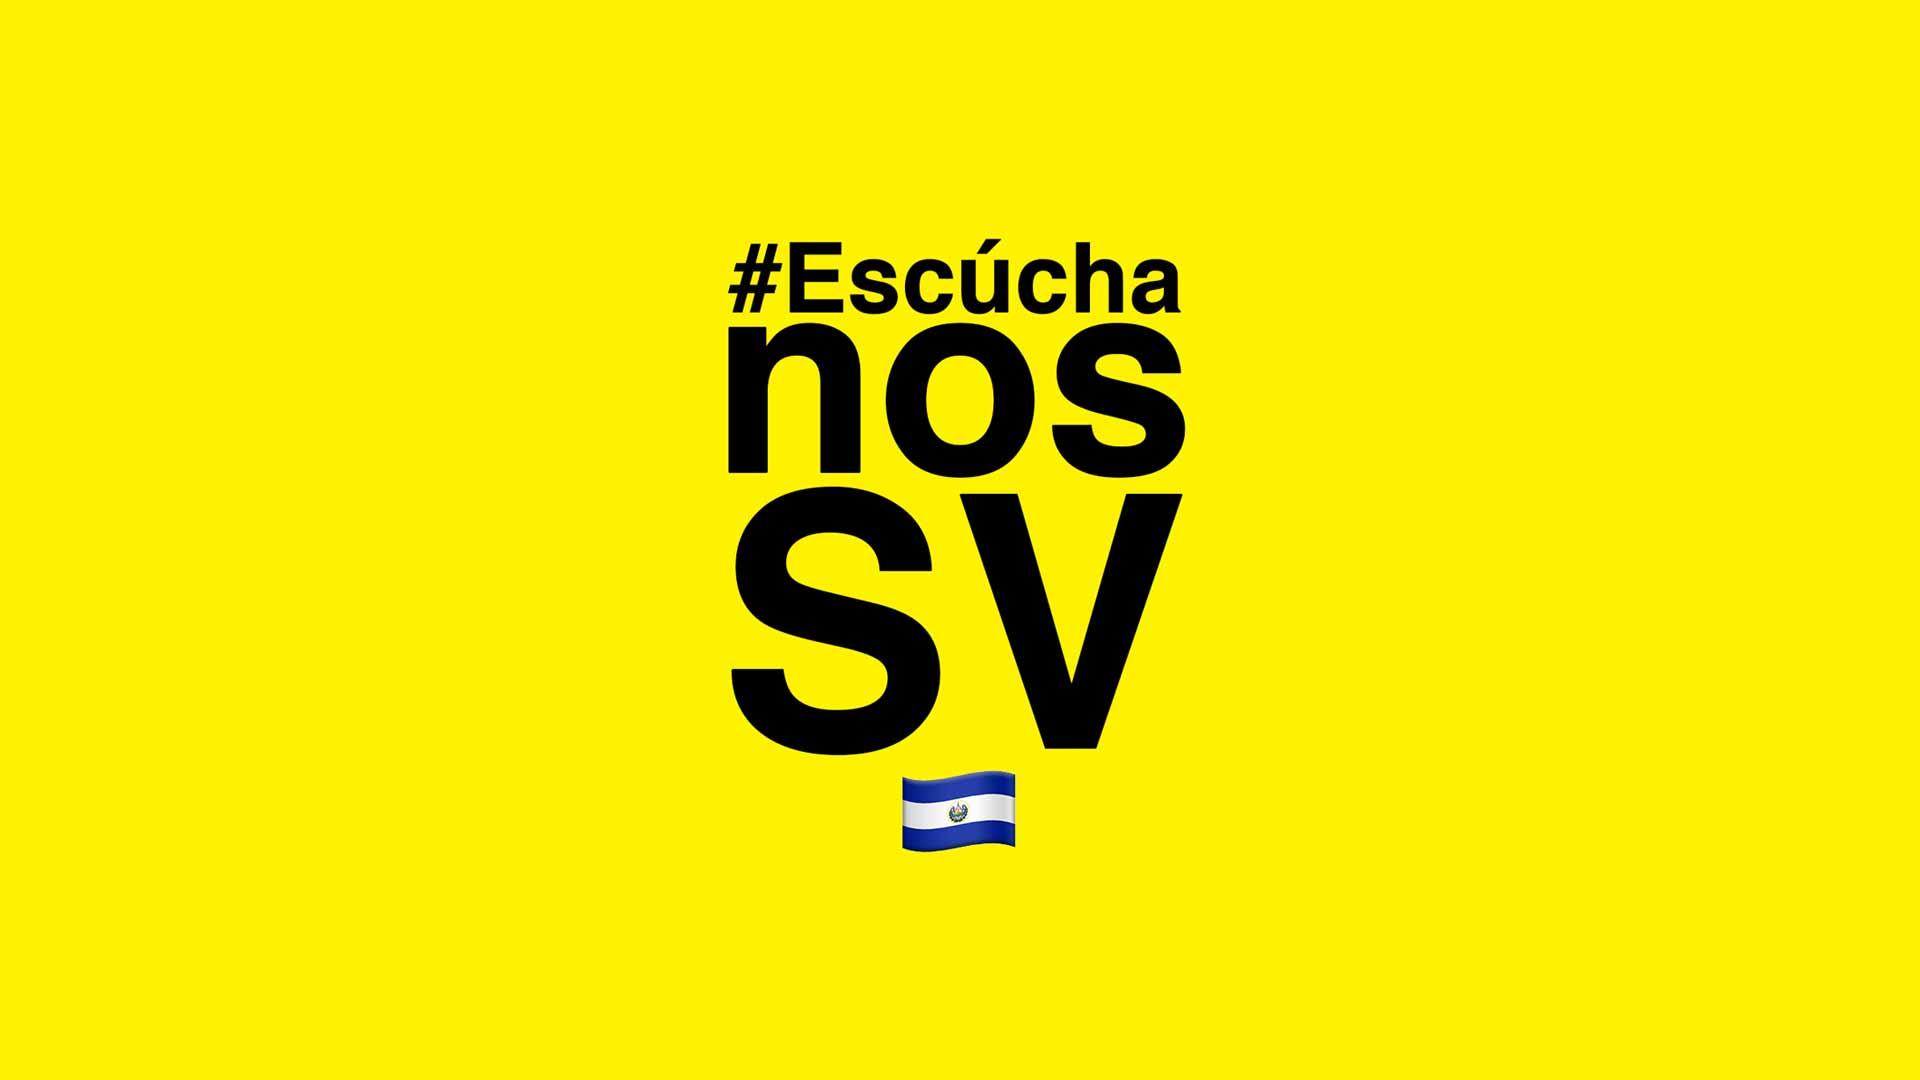 #EscúchanosSV – Más de 60 organizaciones se unen para defender la vida en El Salvador